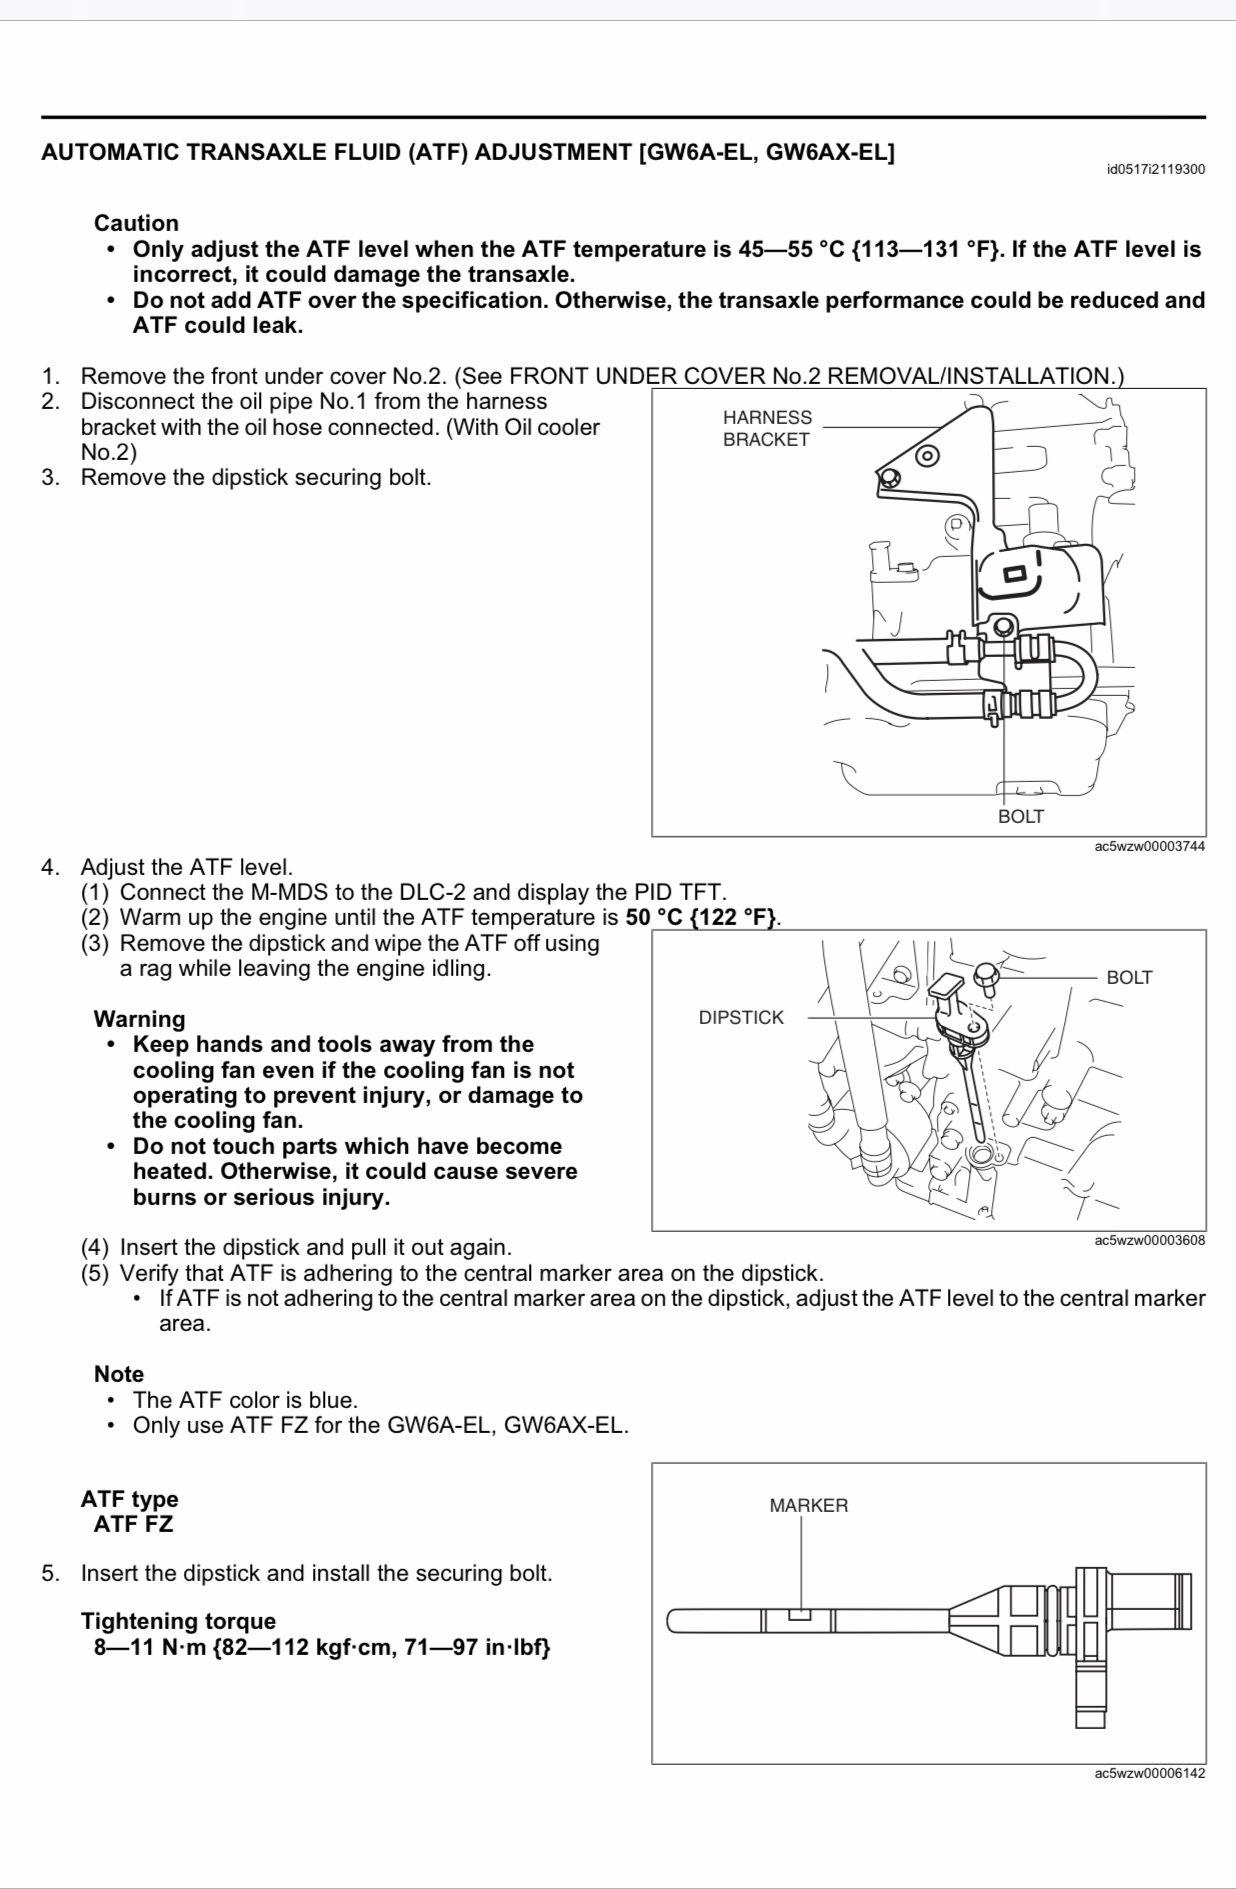 F6FDDCCE-E878-4BF6-8D65-6C1149E02635.jpeg